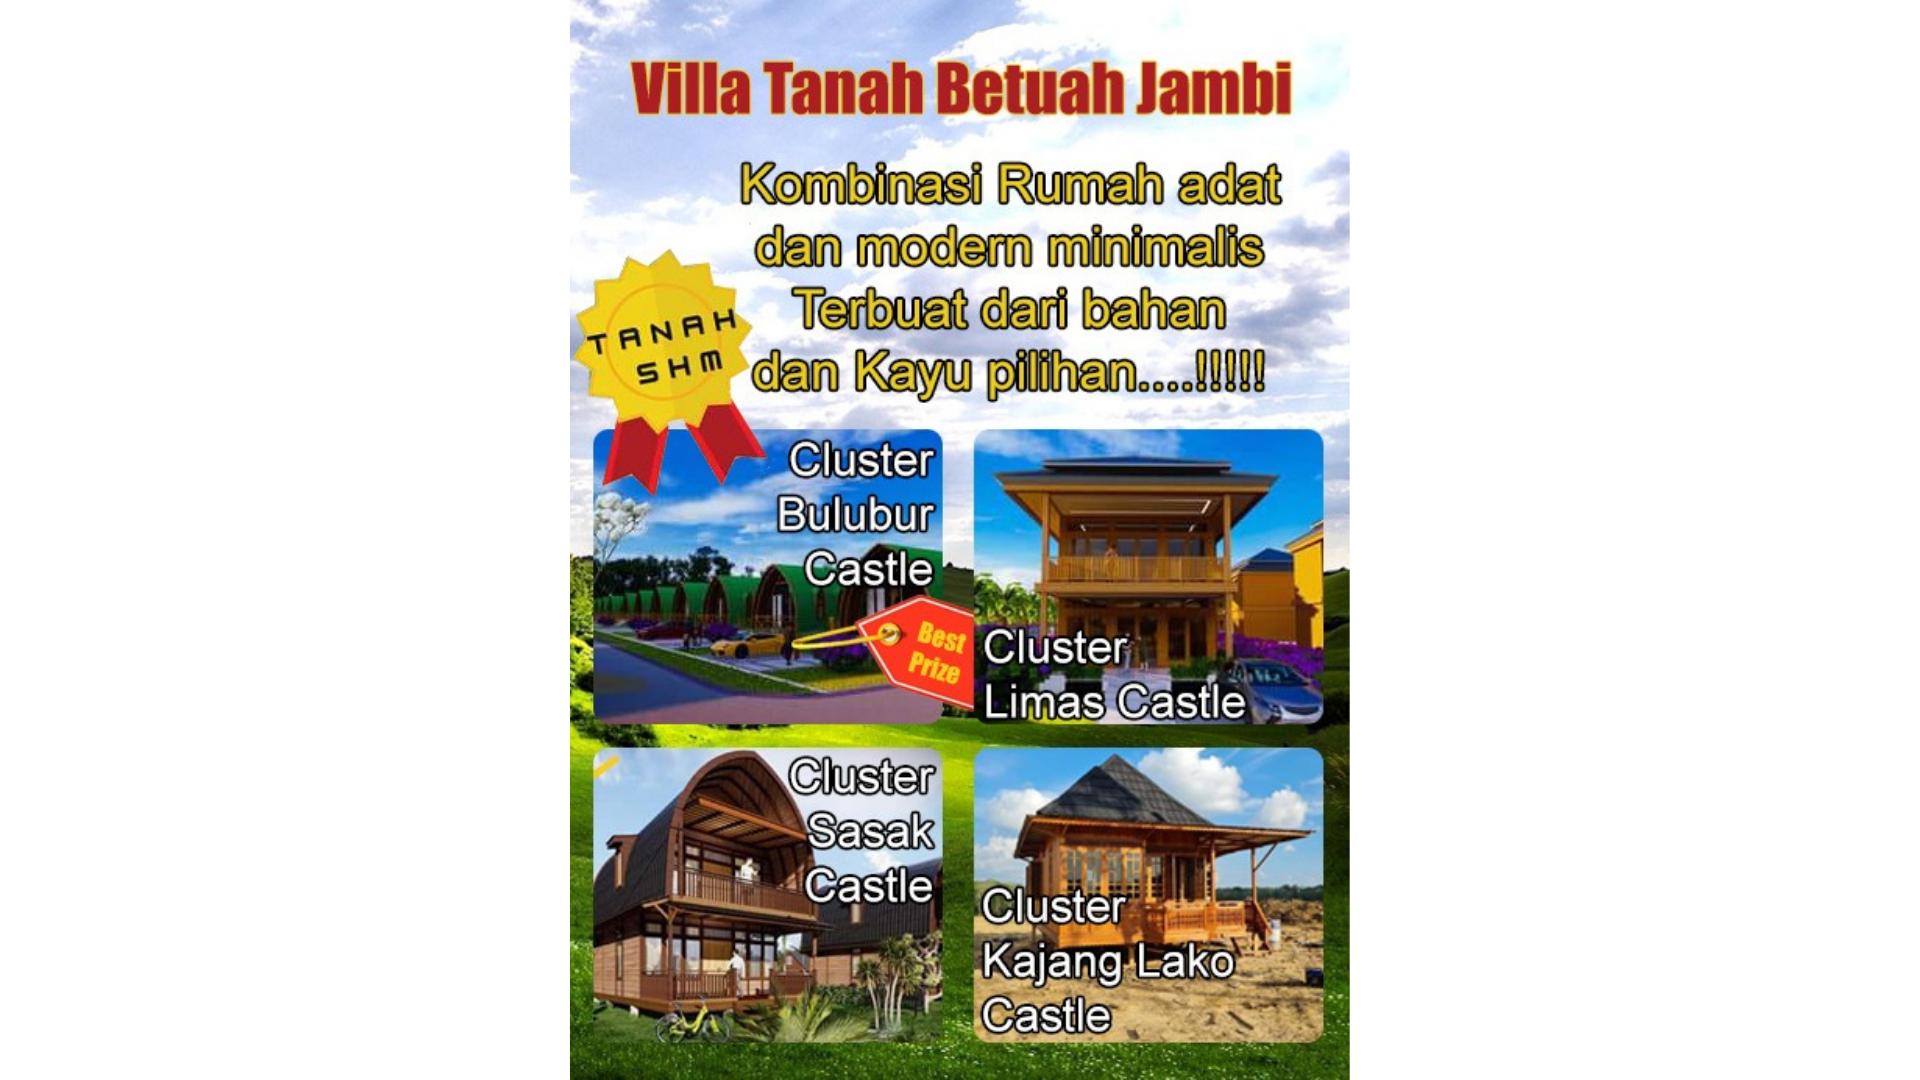 Villa Tanah Batuah Jambi